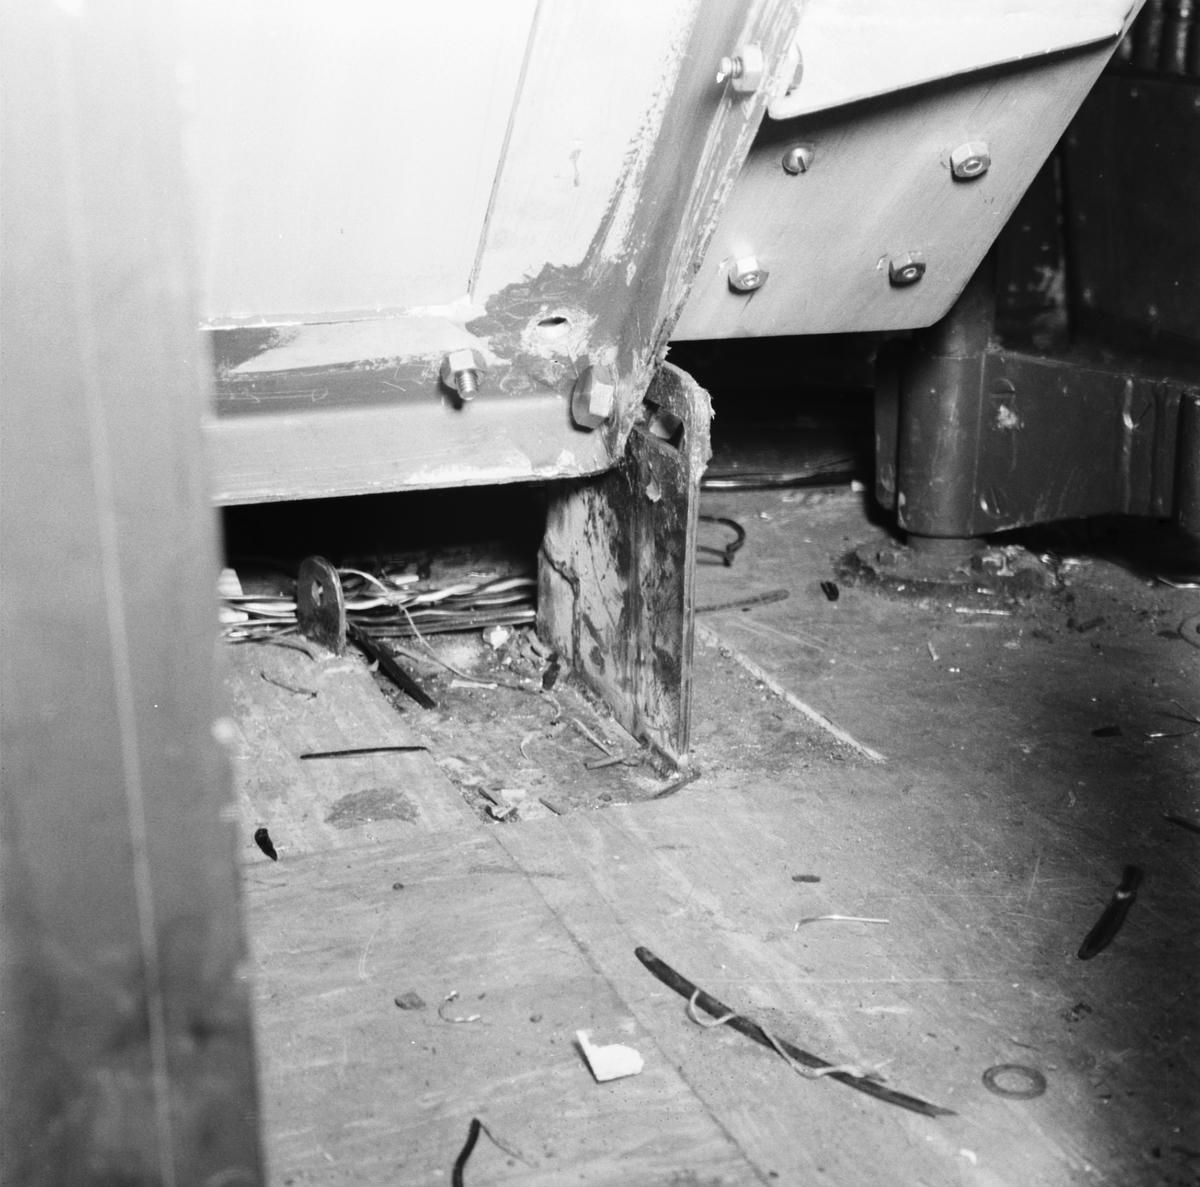 Fartyg: T109 ANTARES                   Bredd över allt 5.8 meter Längd över allt 45.2 meter  Rederi: Kungliga Flottan, Marinen Byggår: 1956 Varv: Lürssen Övrigt: Radar,vågledare och PP1.